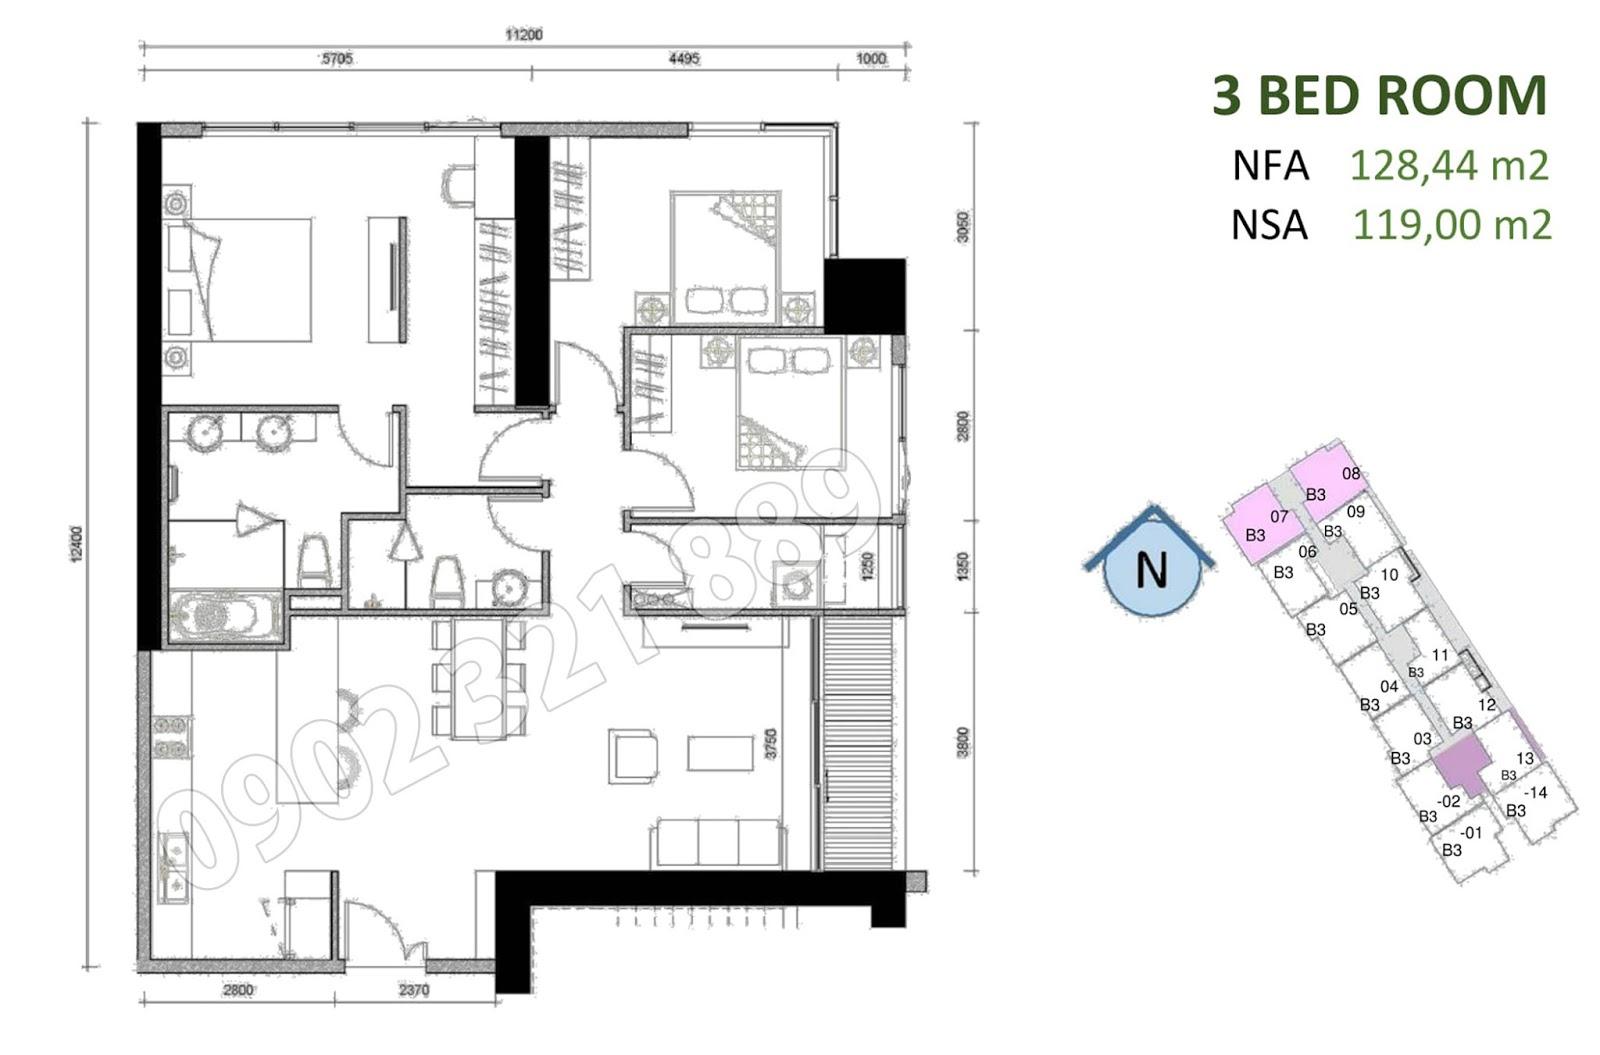 mặt bằng căn hộ sunwah pearl 3 phòng ngủ B3-07 và B3-08